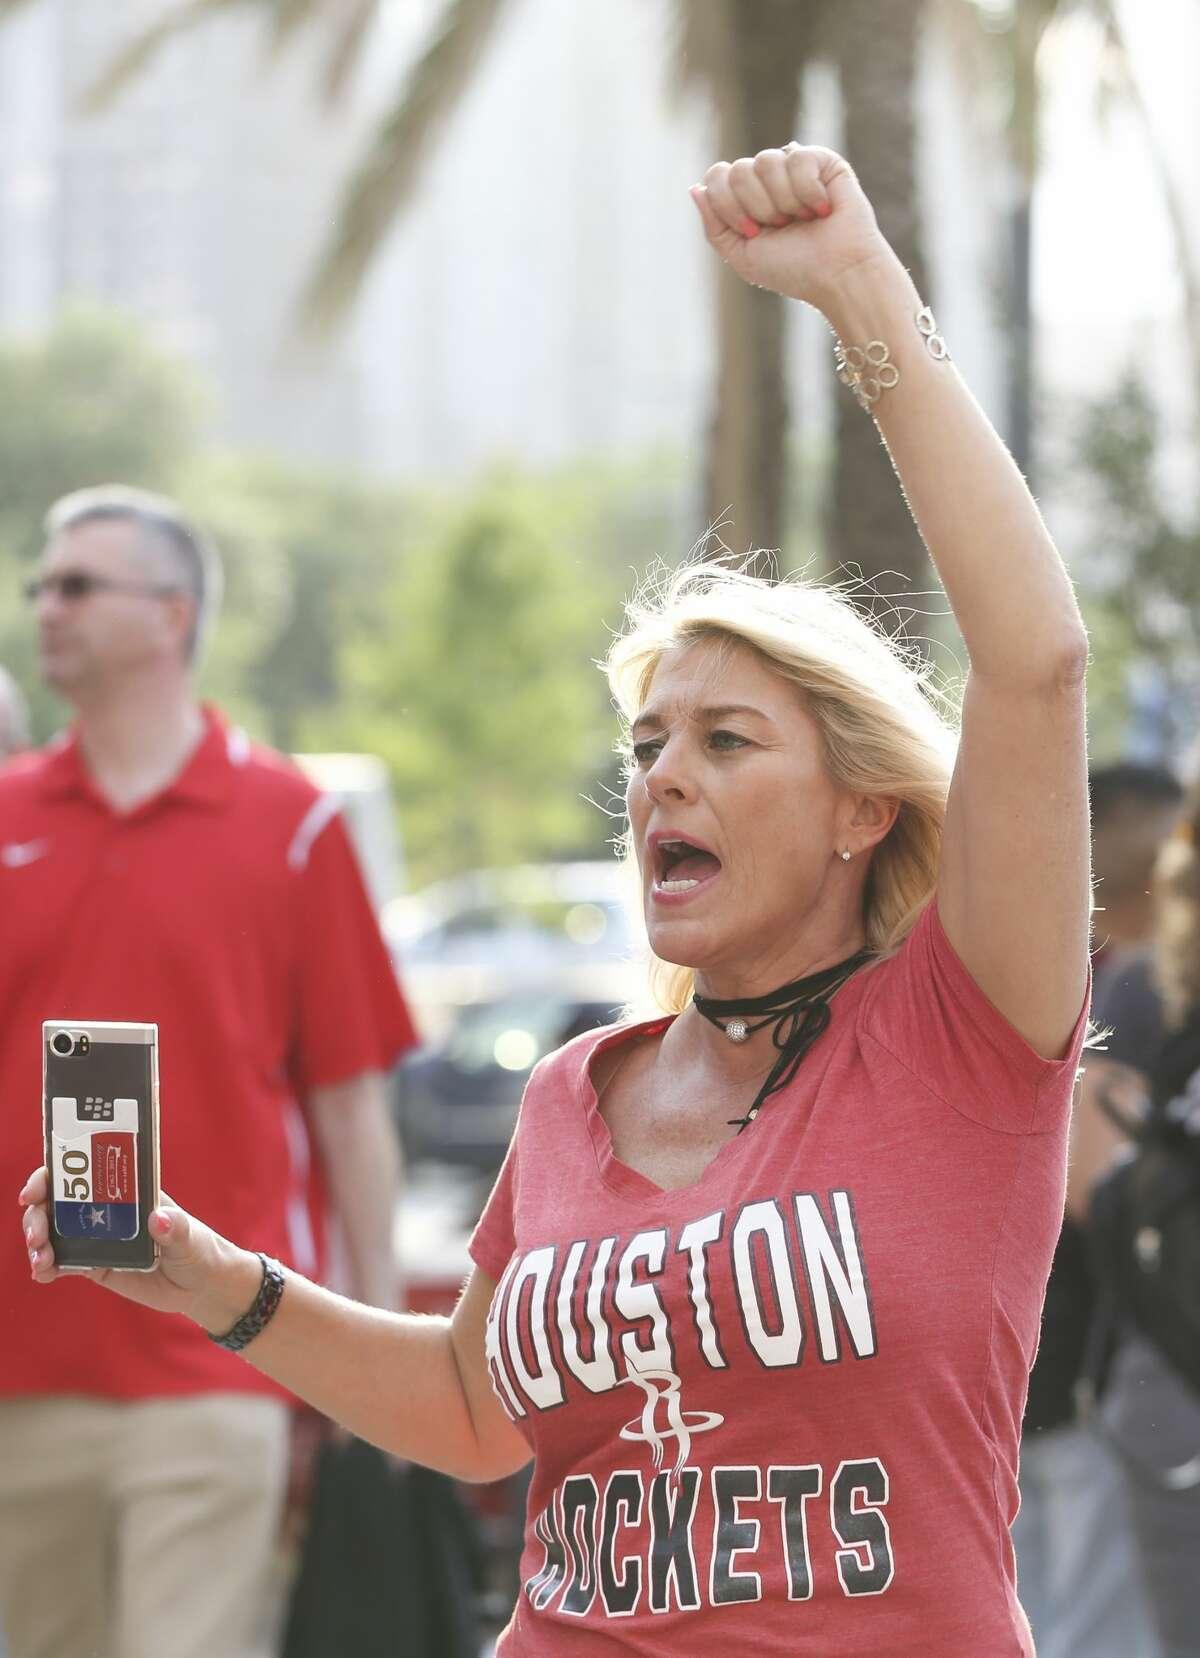 Houston Rockets fan Teri Kelley sings along